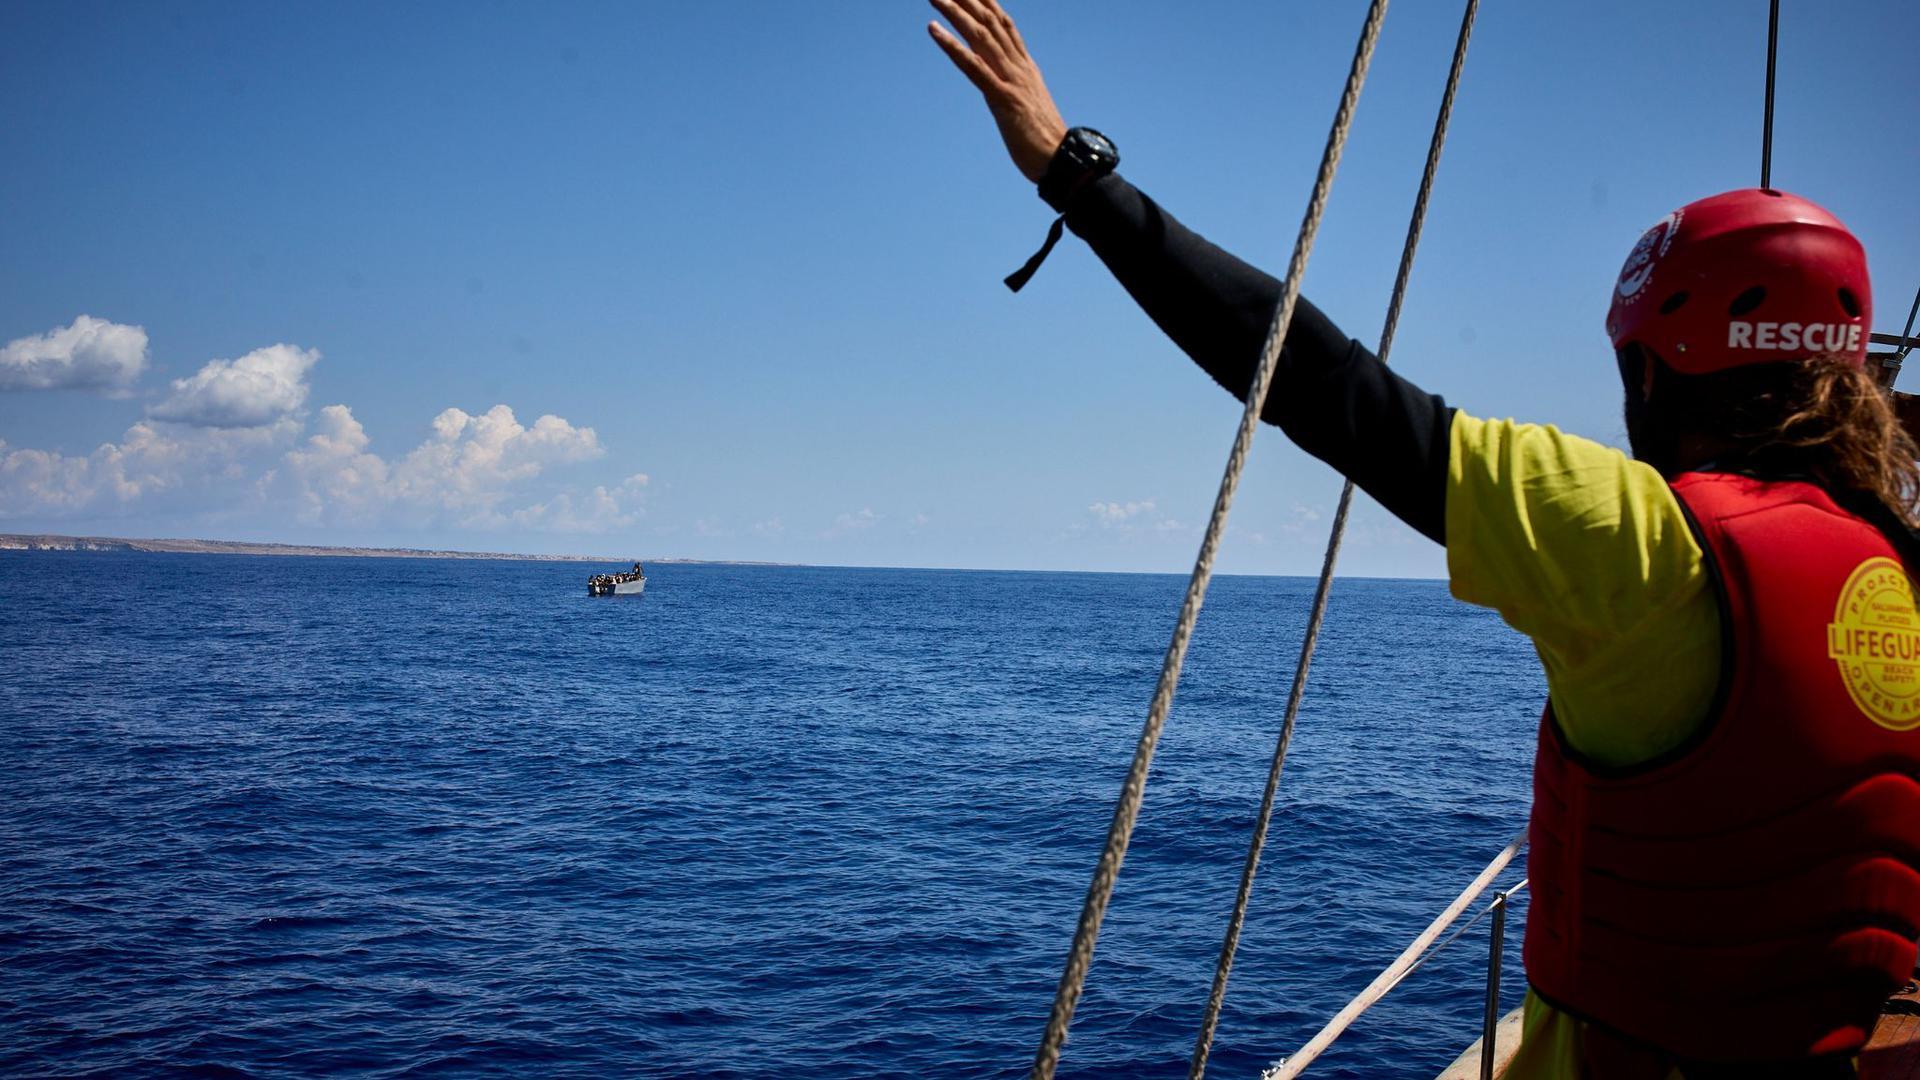 """Ein Mitglied der NGO """"Open Arms"""", die immer wieder Menschen aus dem Mittelmeer rettet, gestikuliert an Bord des Schiffes """"Astral""""."""